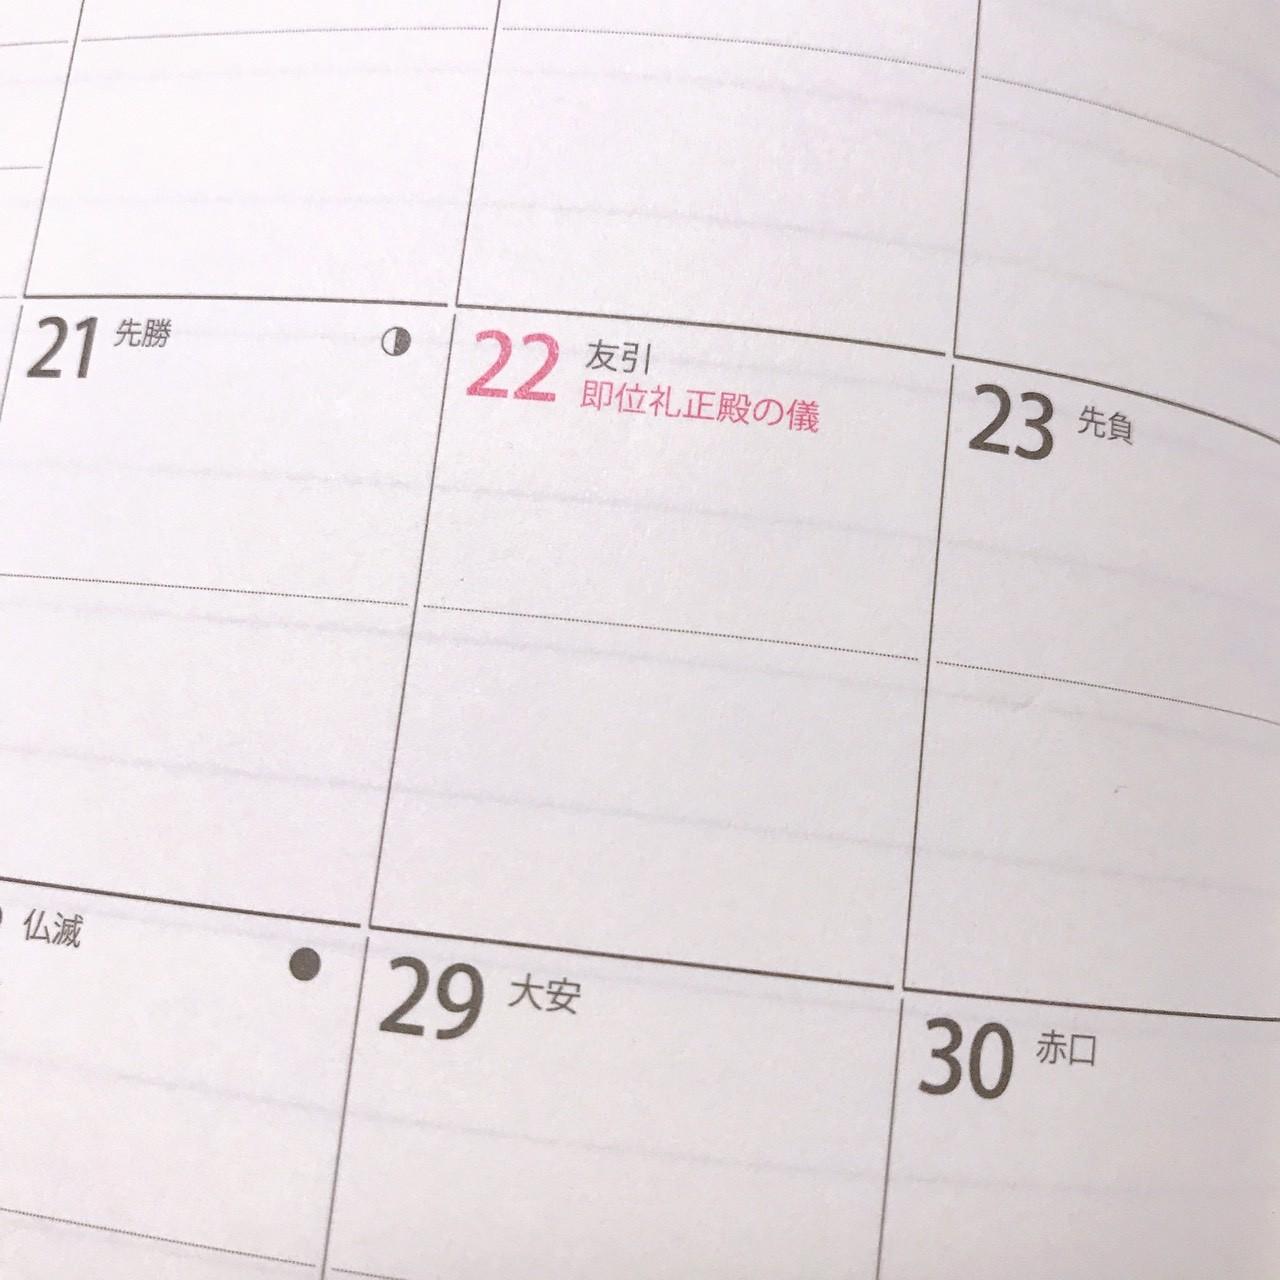 10月22日は祝日